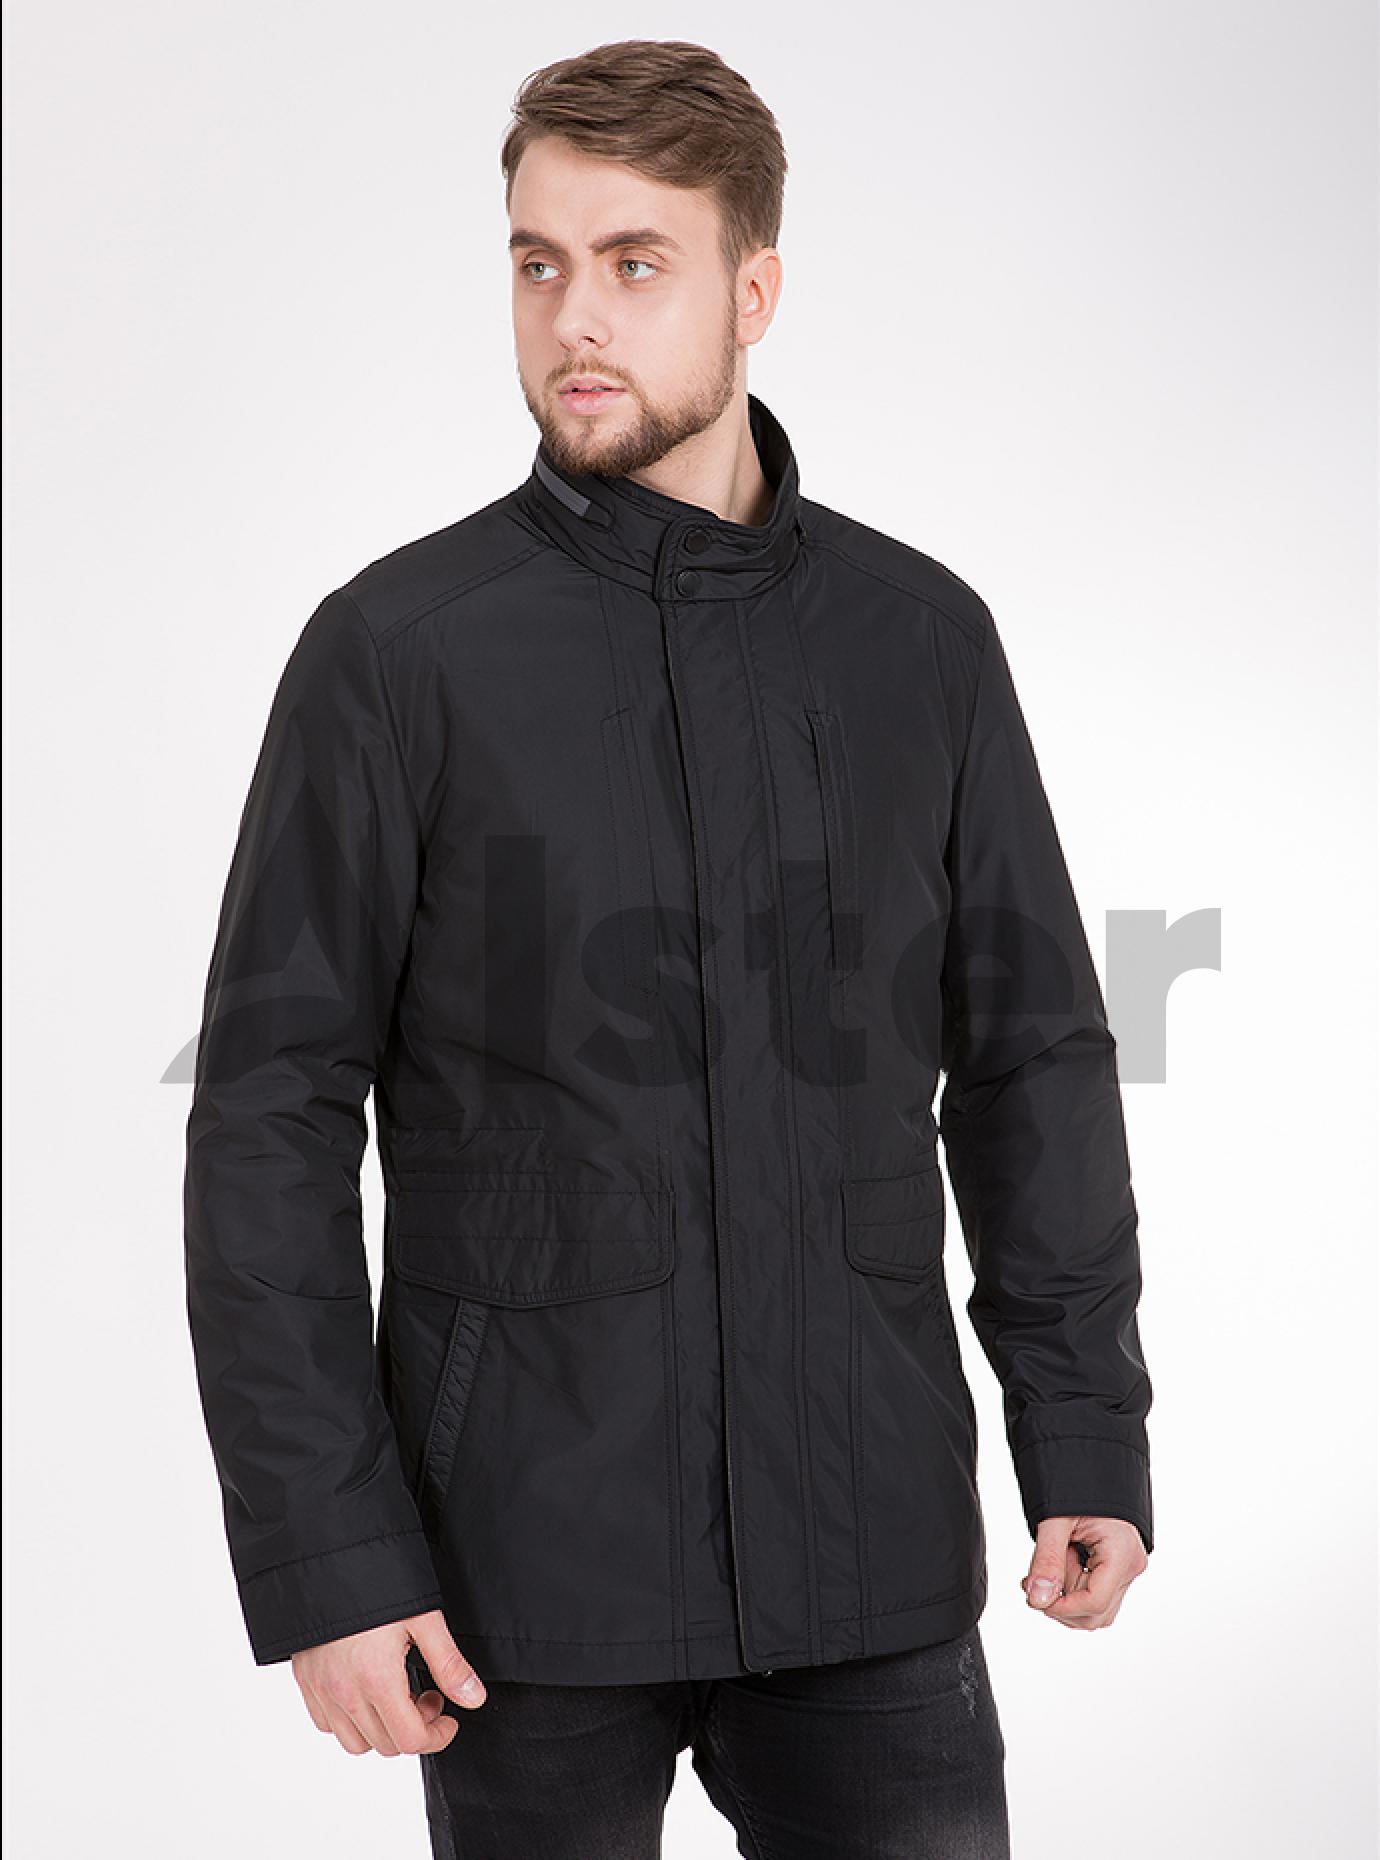 Демисезонная куртка мужская Коричневый 48 (02-MC18031): фото - Alster.ua